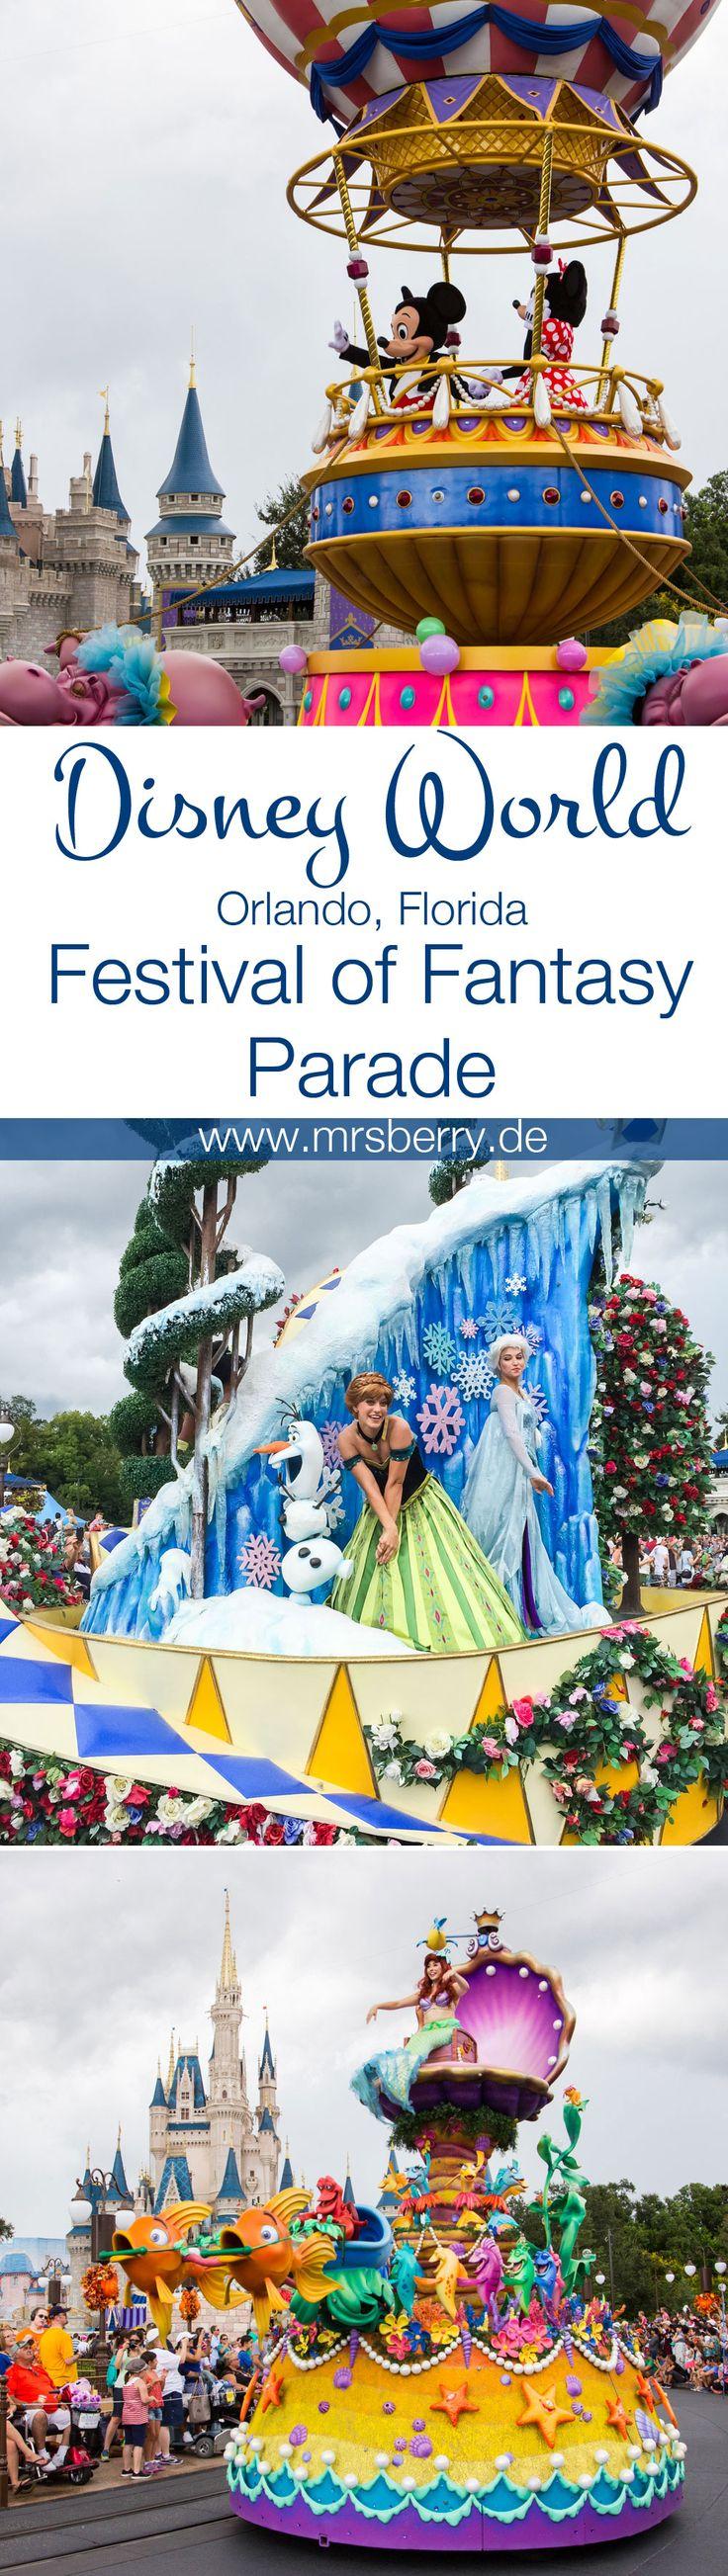 ❤️ Disney's Festival of Fantasy Parade, Disney World, Magic Kingdom, Orlando, Florida ❤️